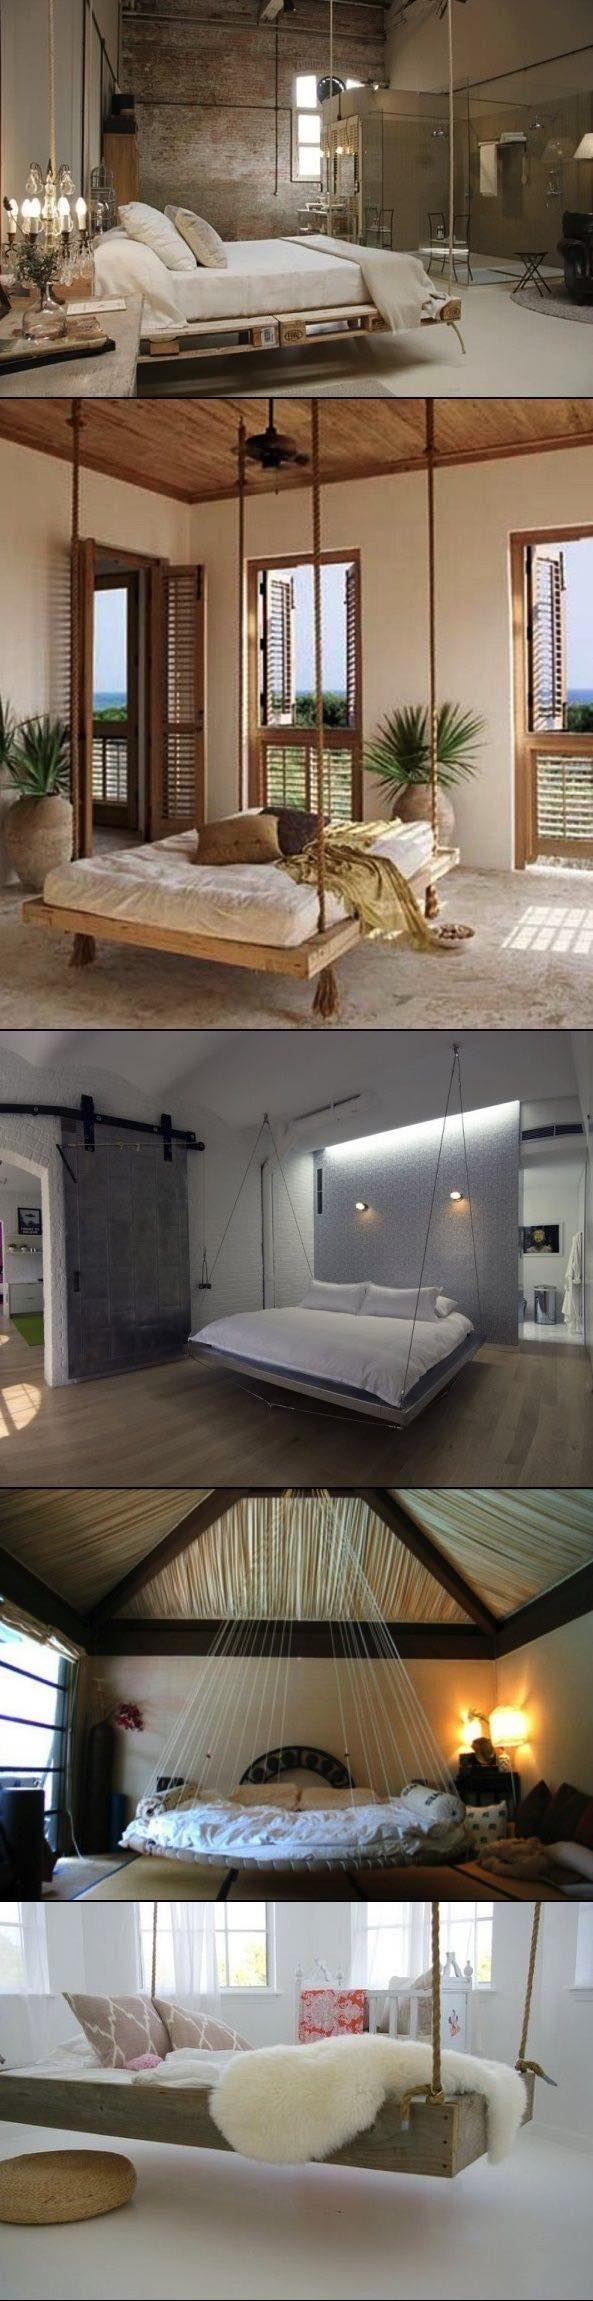 úžasných nápadov na postele ktoré si môžete vyrobiť recykláciou